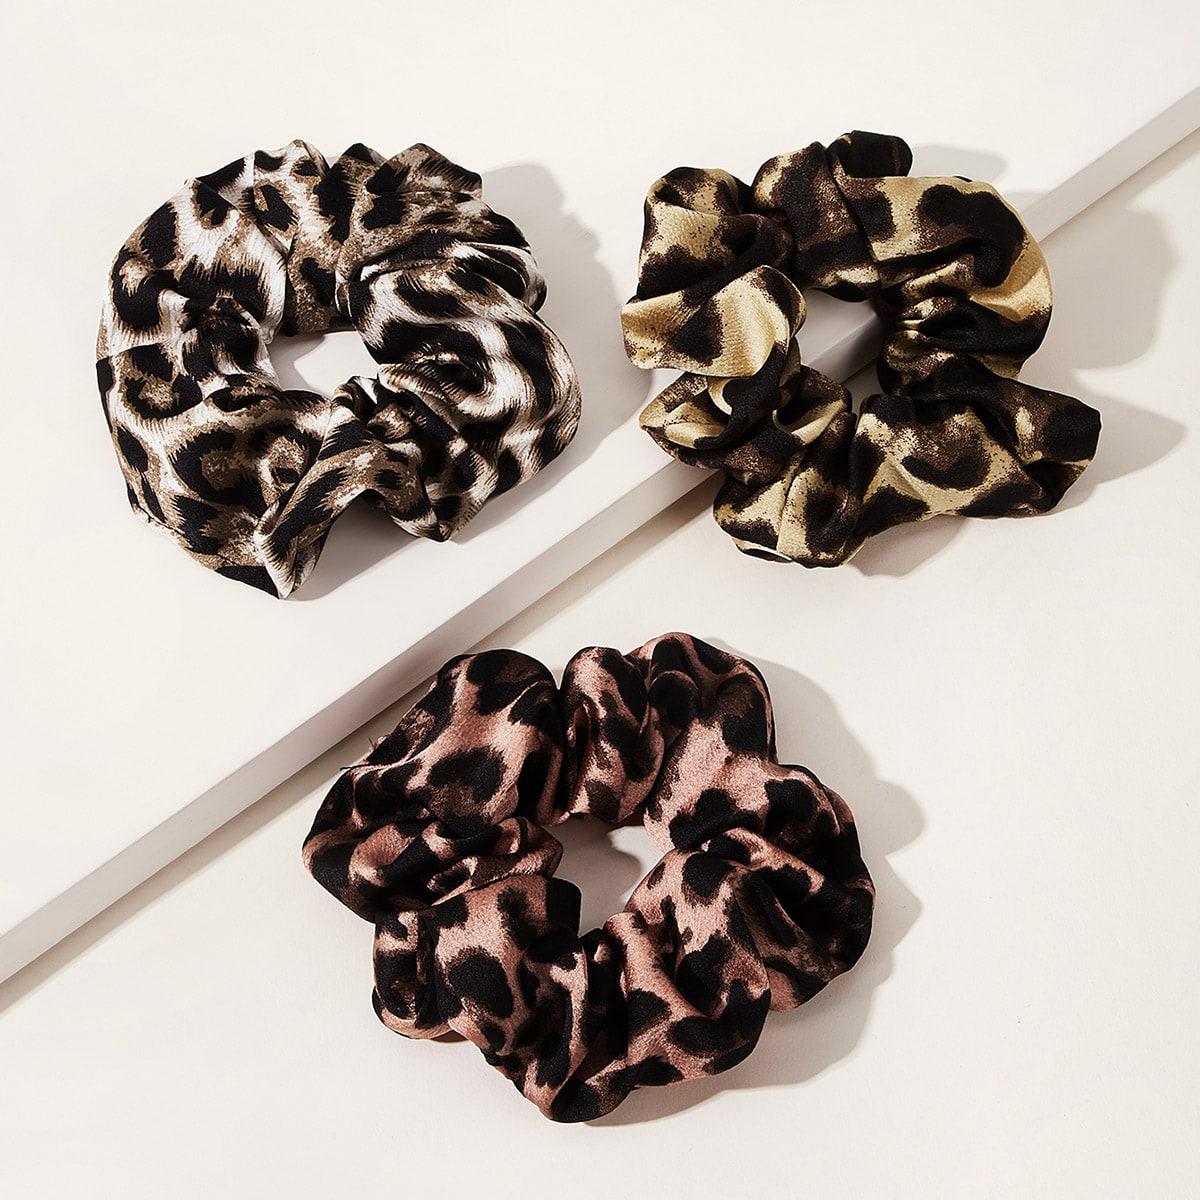 Широкие Резинки Для Волос С Леопардовым Принтом от SHEIN